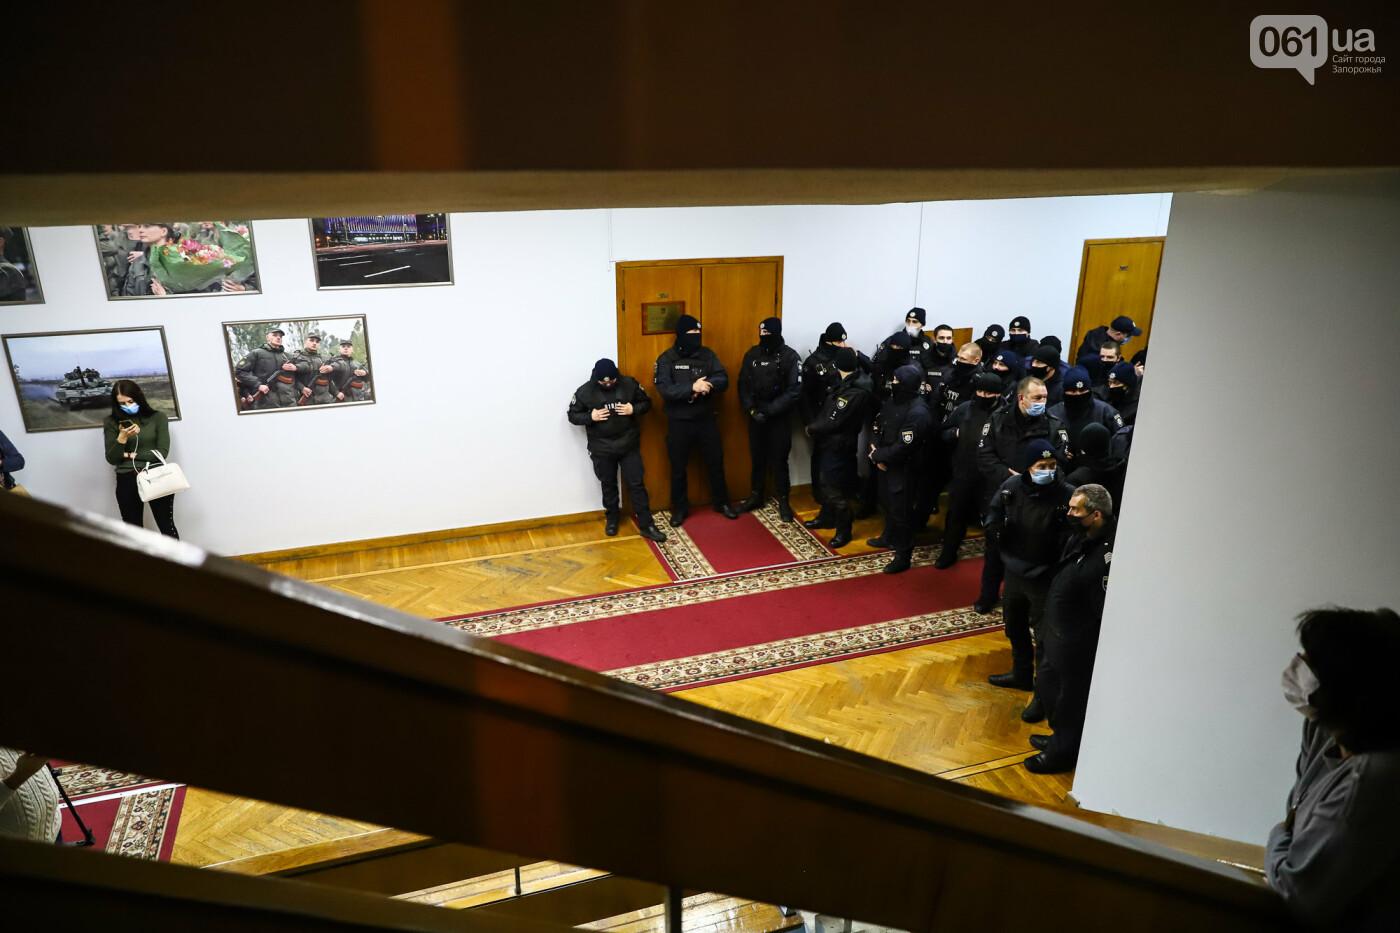 """Тайная """"сессия"""", сотни правоохранителей и стычки с активистами - что происходило в здании Запорожского облсовета, - ФОТО, ВИДЕО , фото-63"""